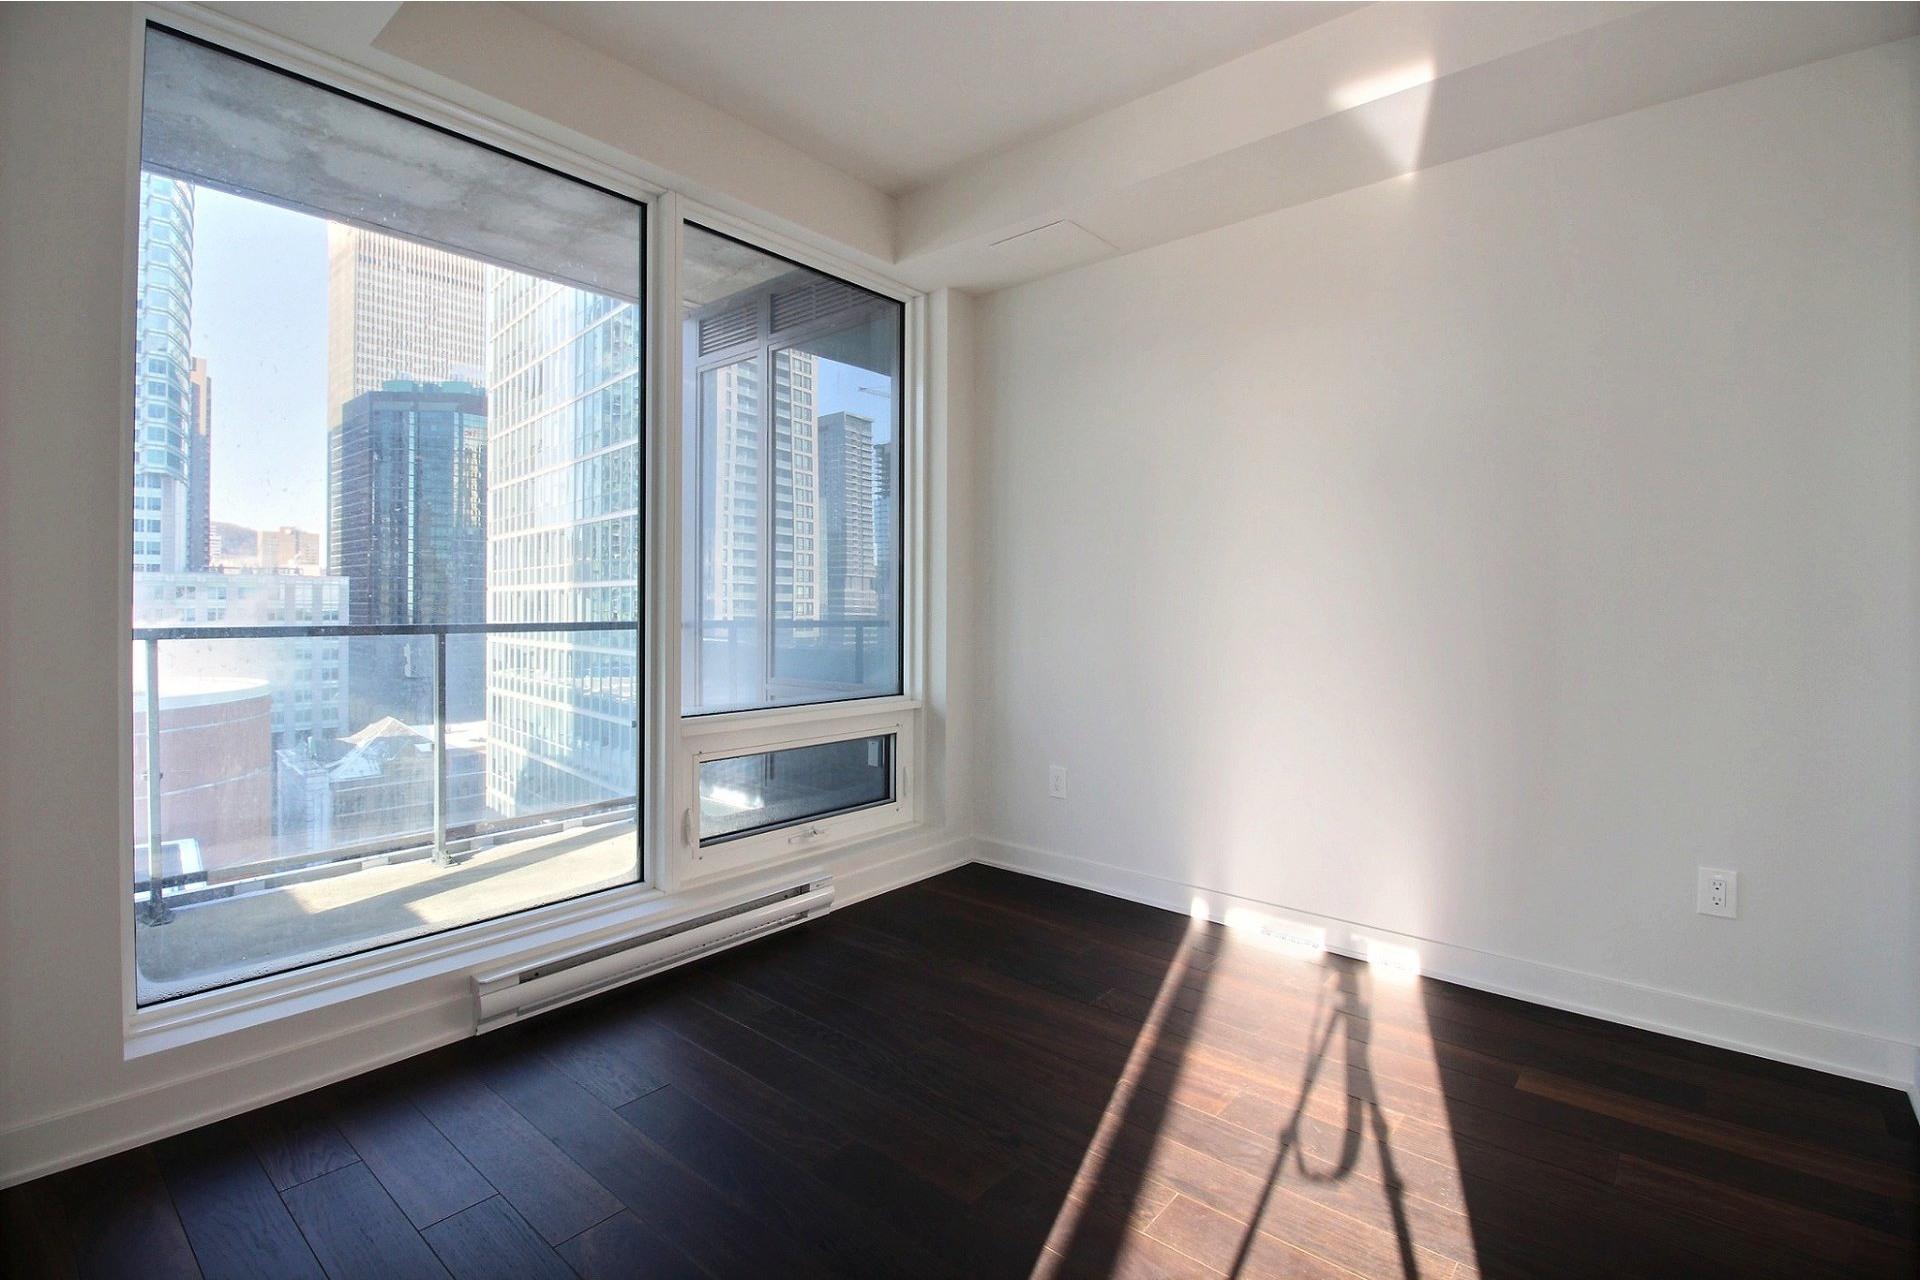 image 21 - Apartment For rent Ville-Marie Montréal  - 7 rooms